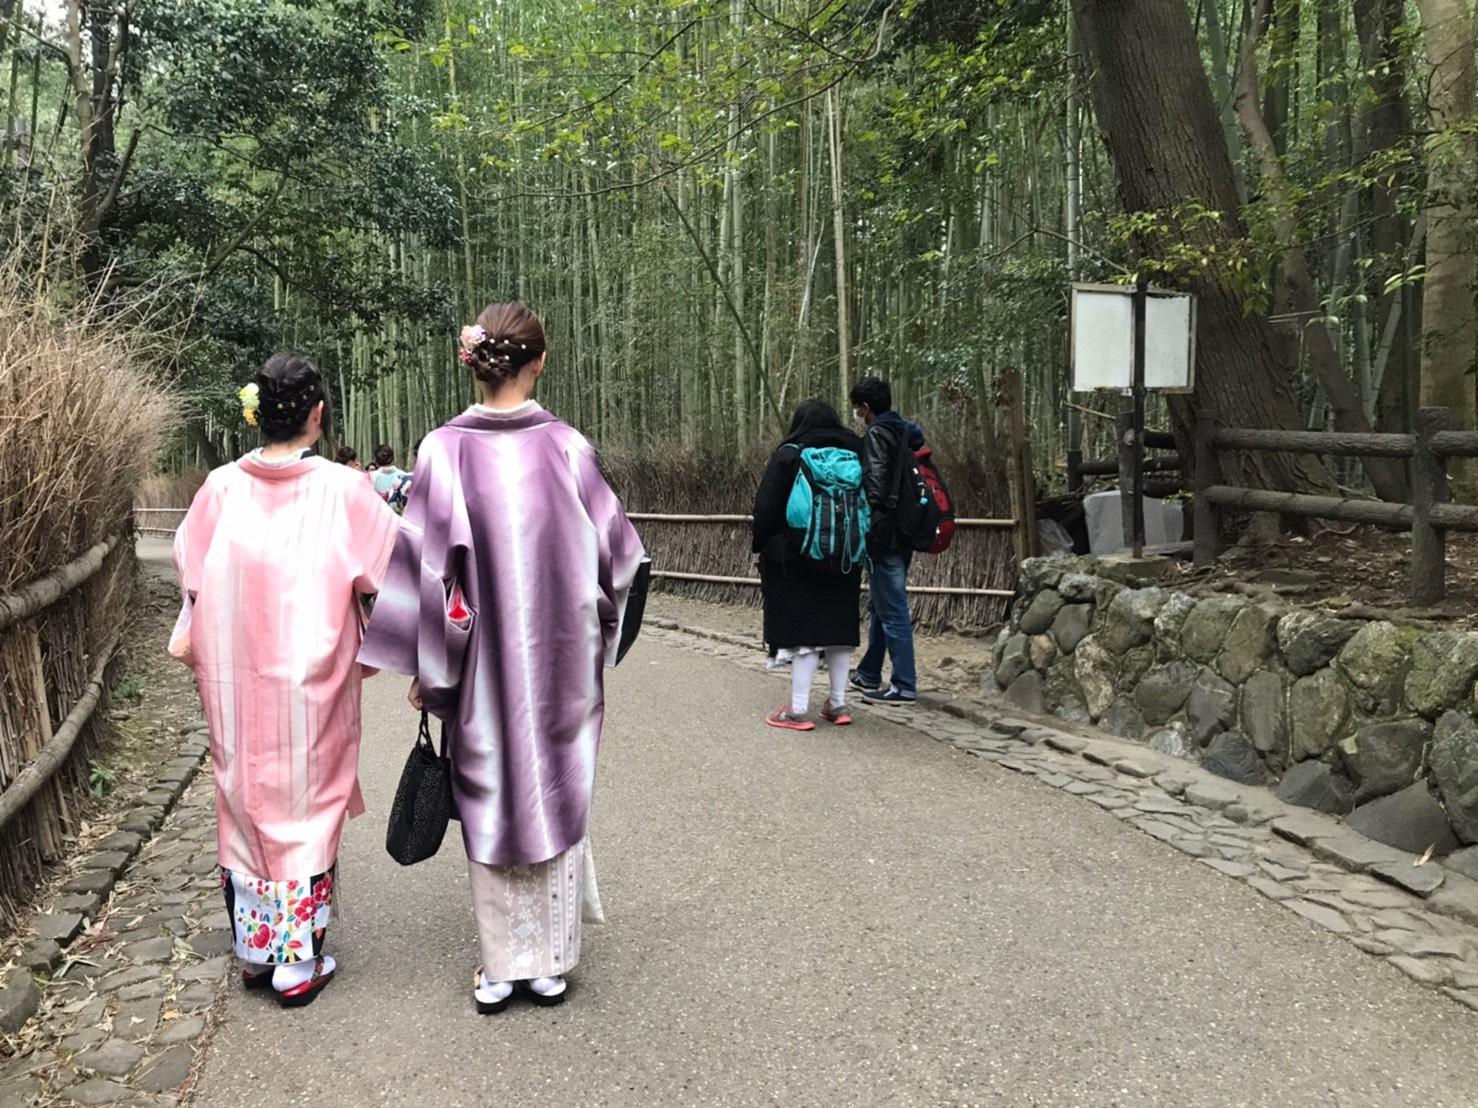 バス一日券で東山・嵐山を観光♪2020年2月12日1